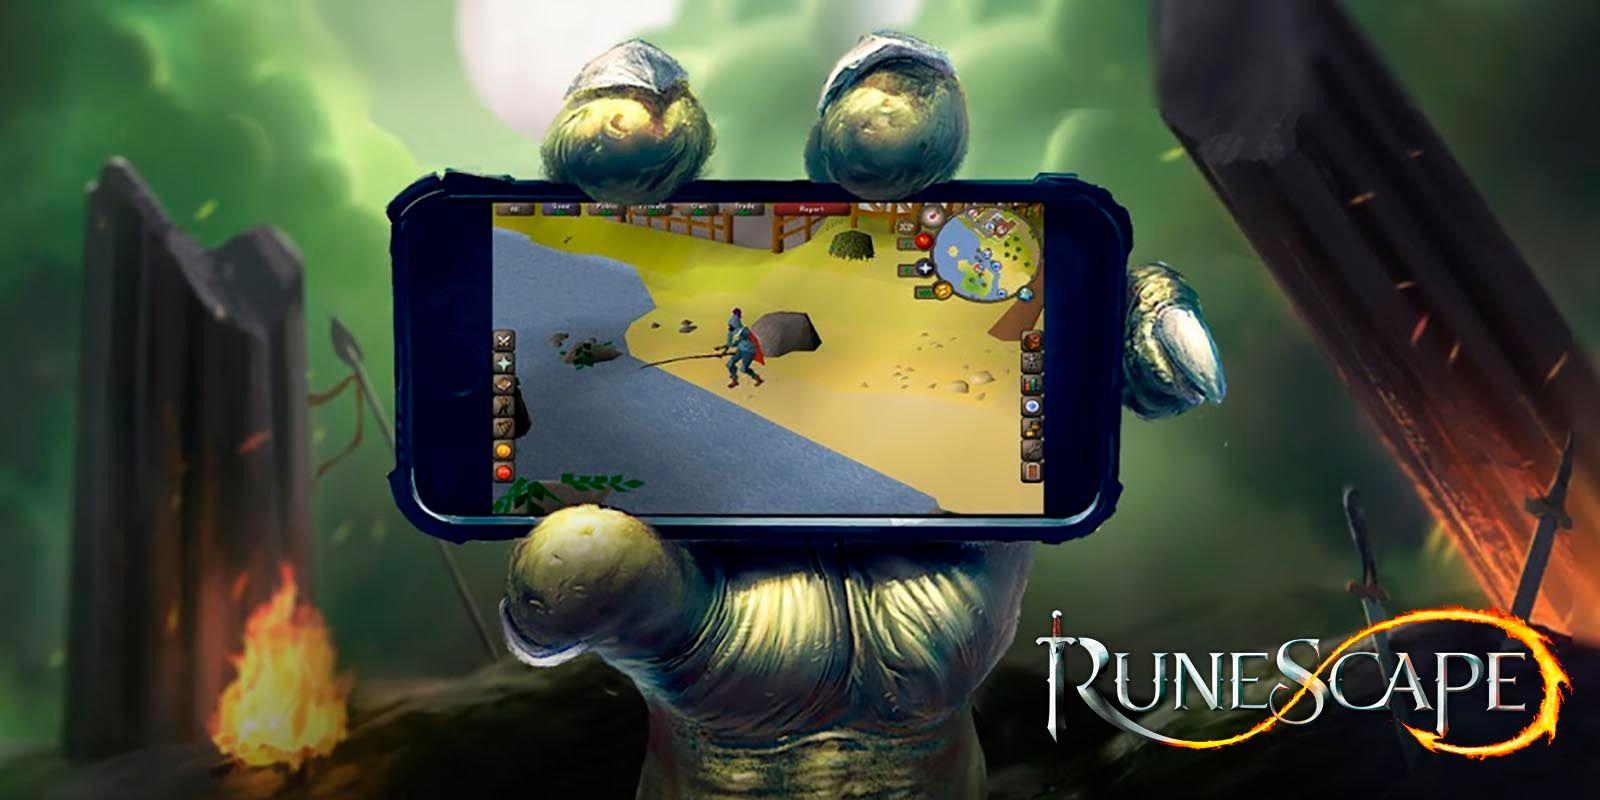 RuneScape problema iniciar sesion solucion Android